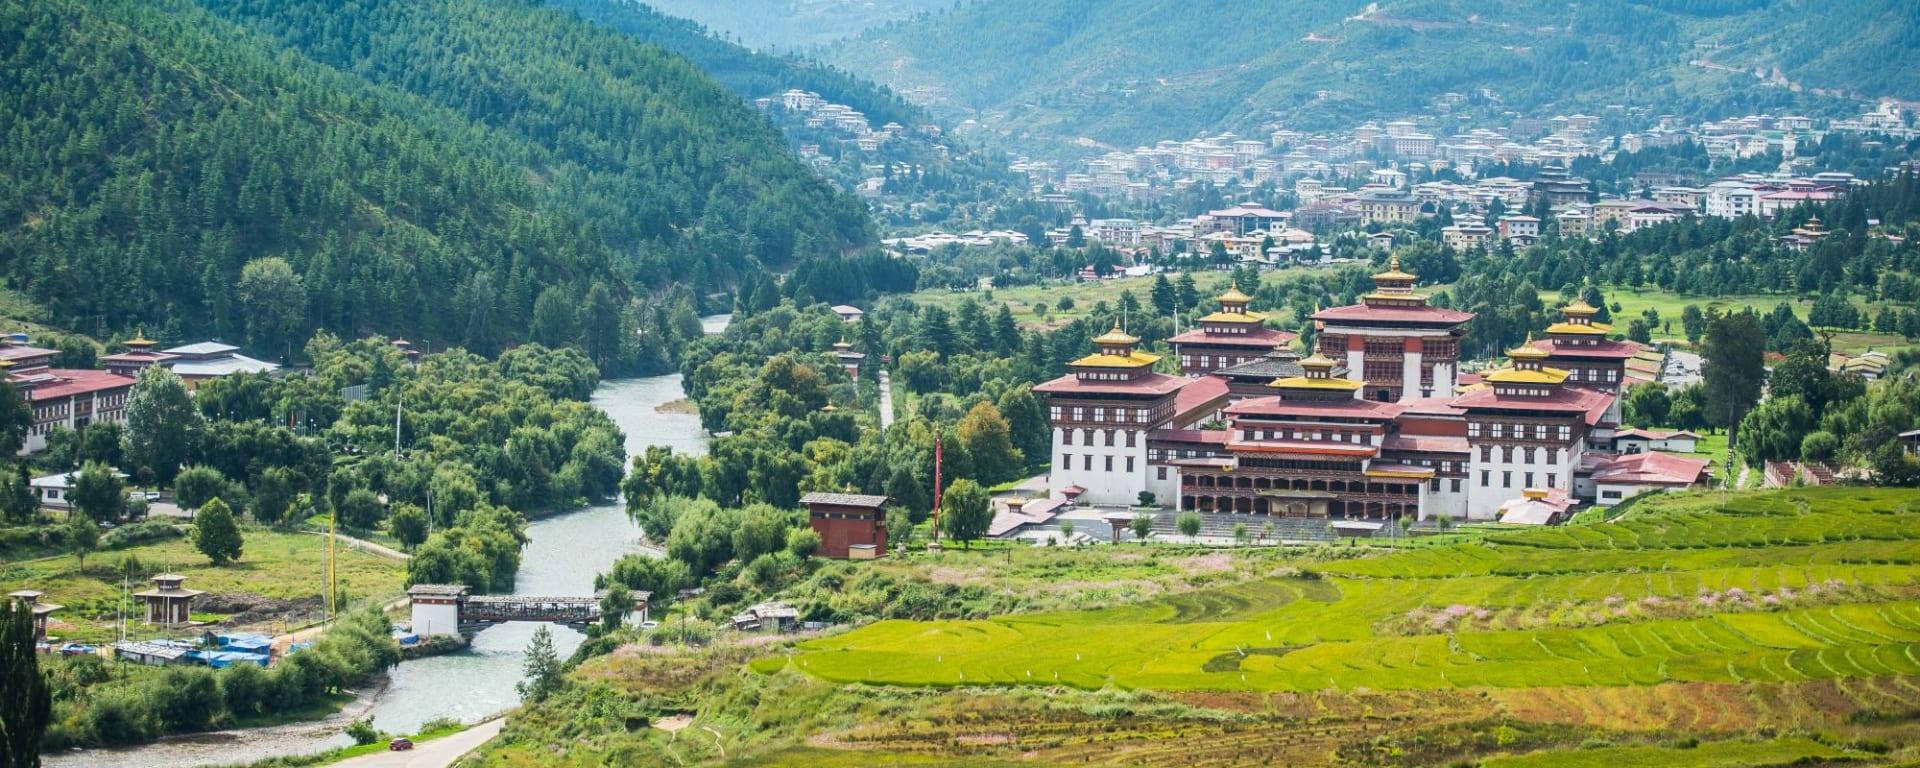 Au pays du Dragon tonnerre de Paro: Trashi Chhoe Dzong Thimphu